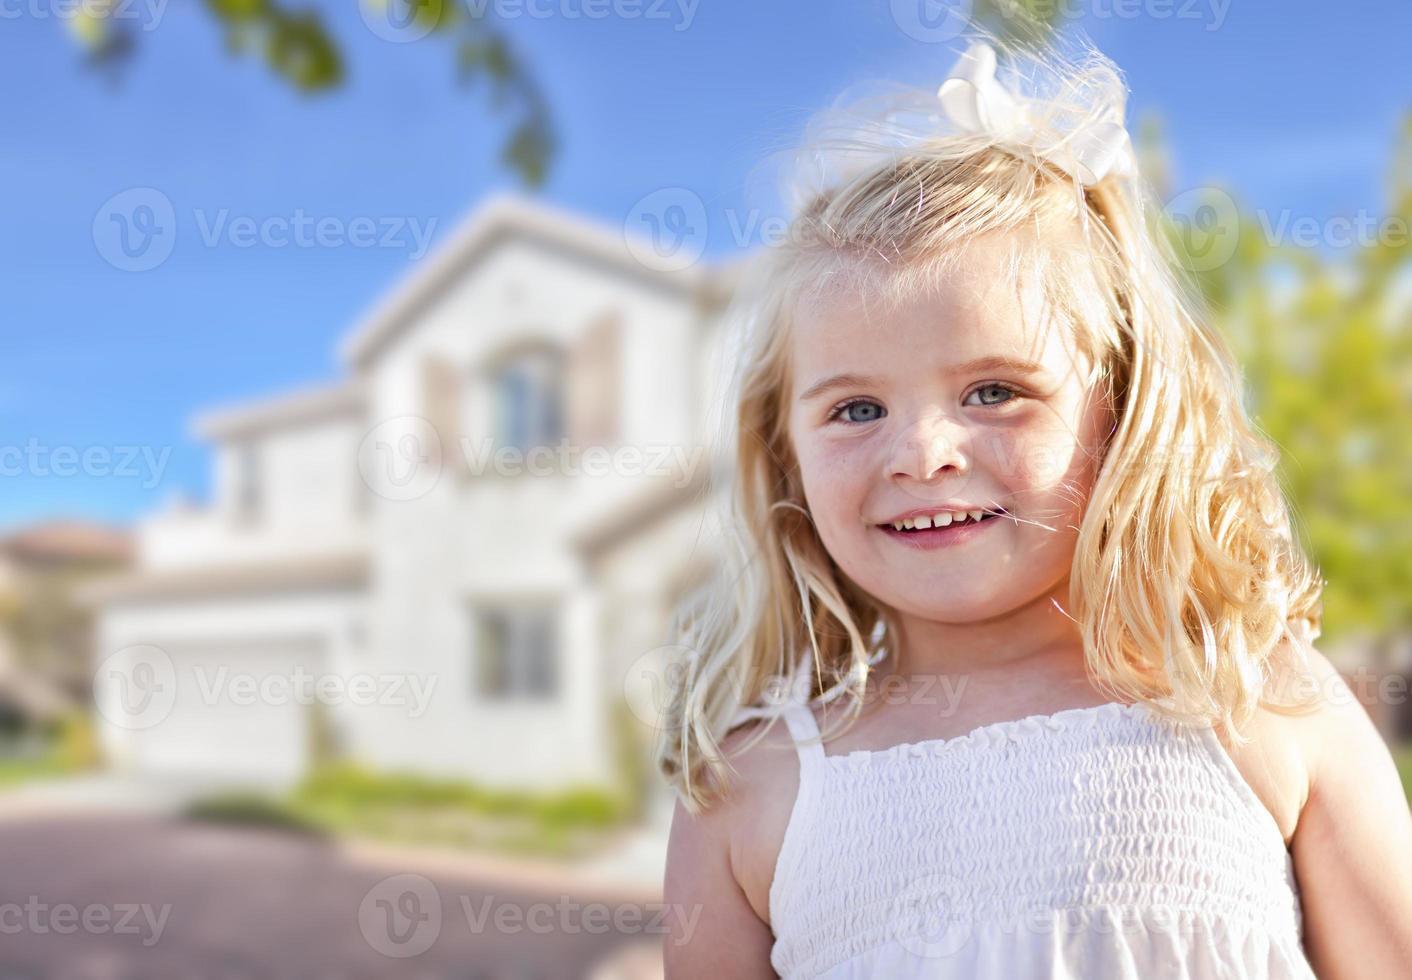 söt leende flicka som leker i trädgården foto